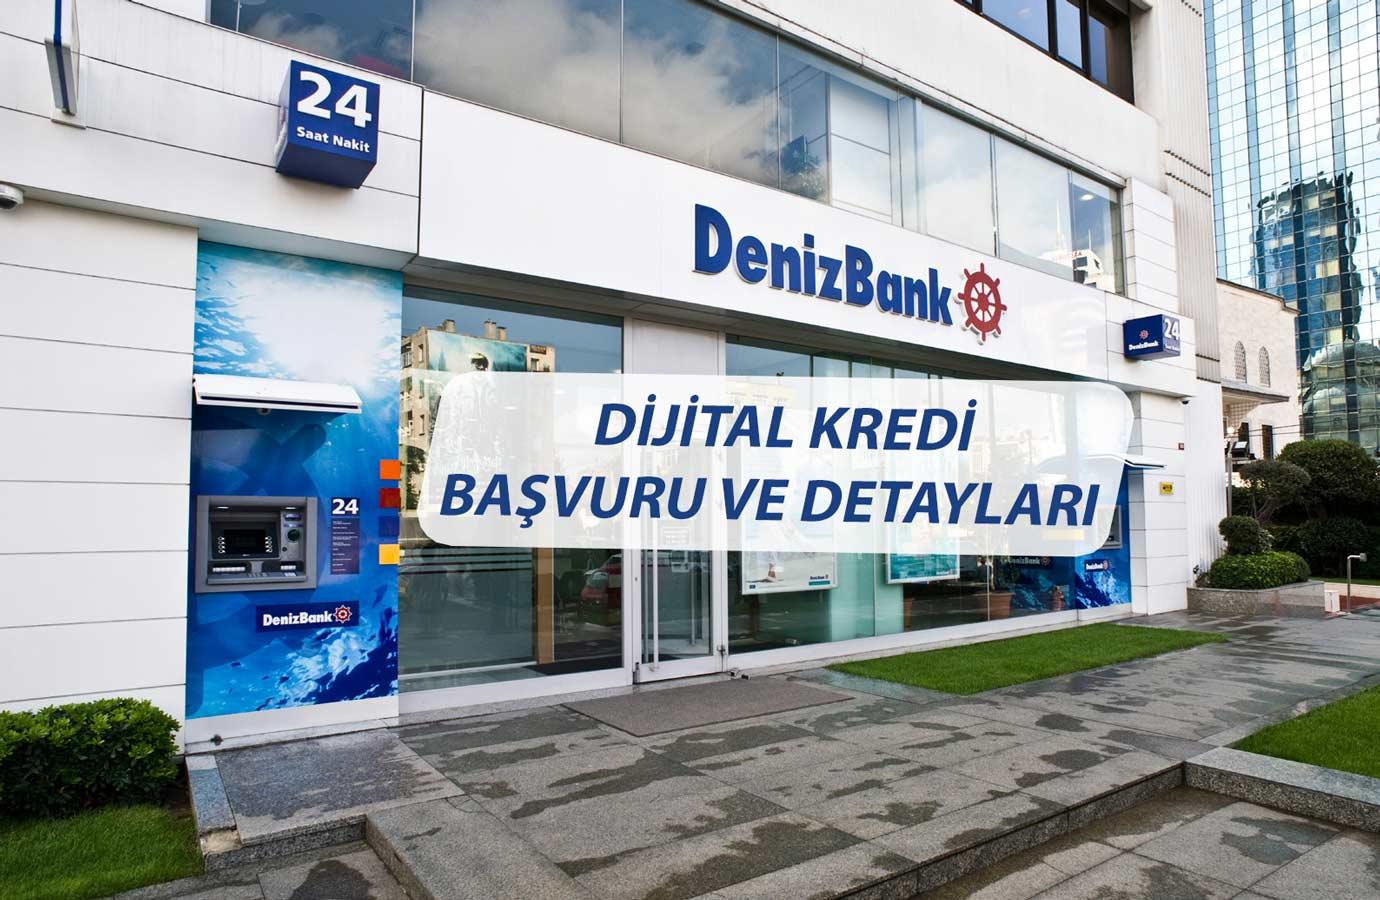 Denizbank Şubesiz Kefilsiz Hızlı Kredi